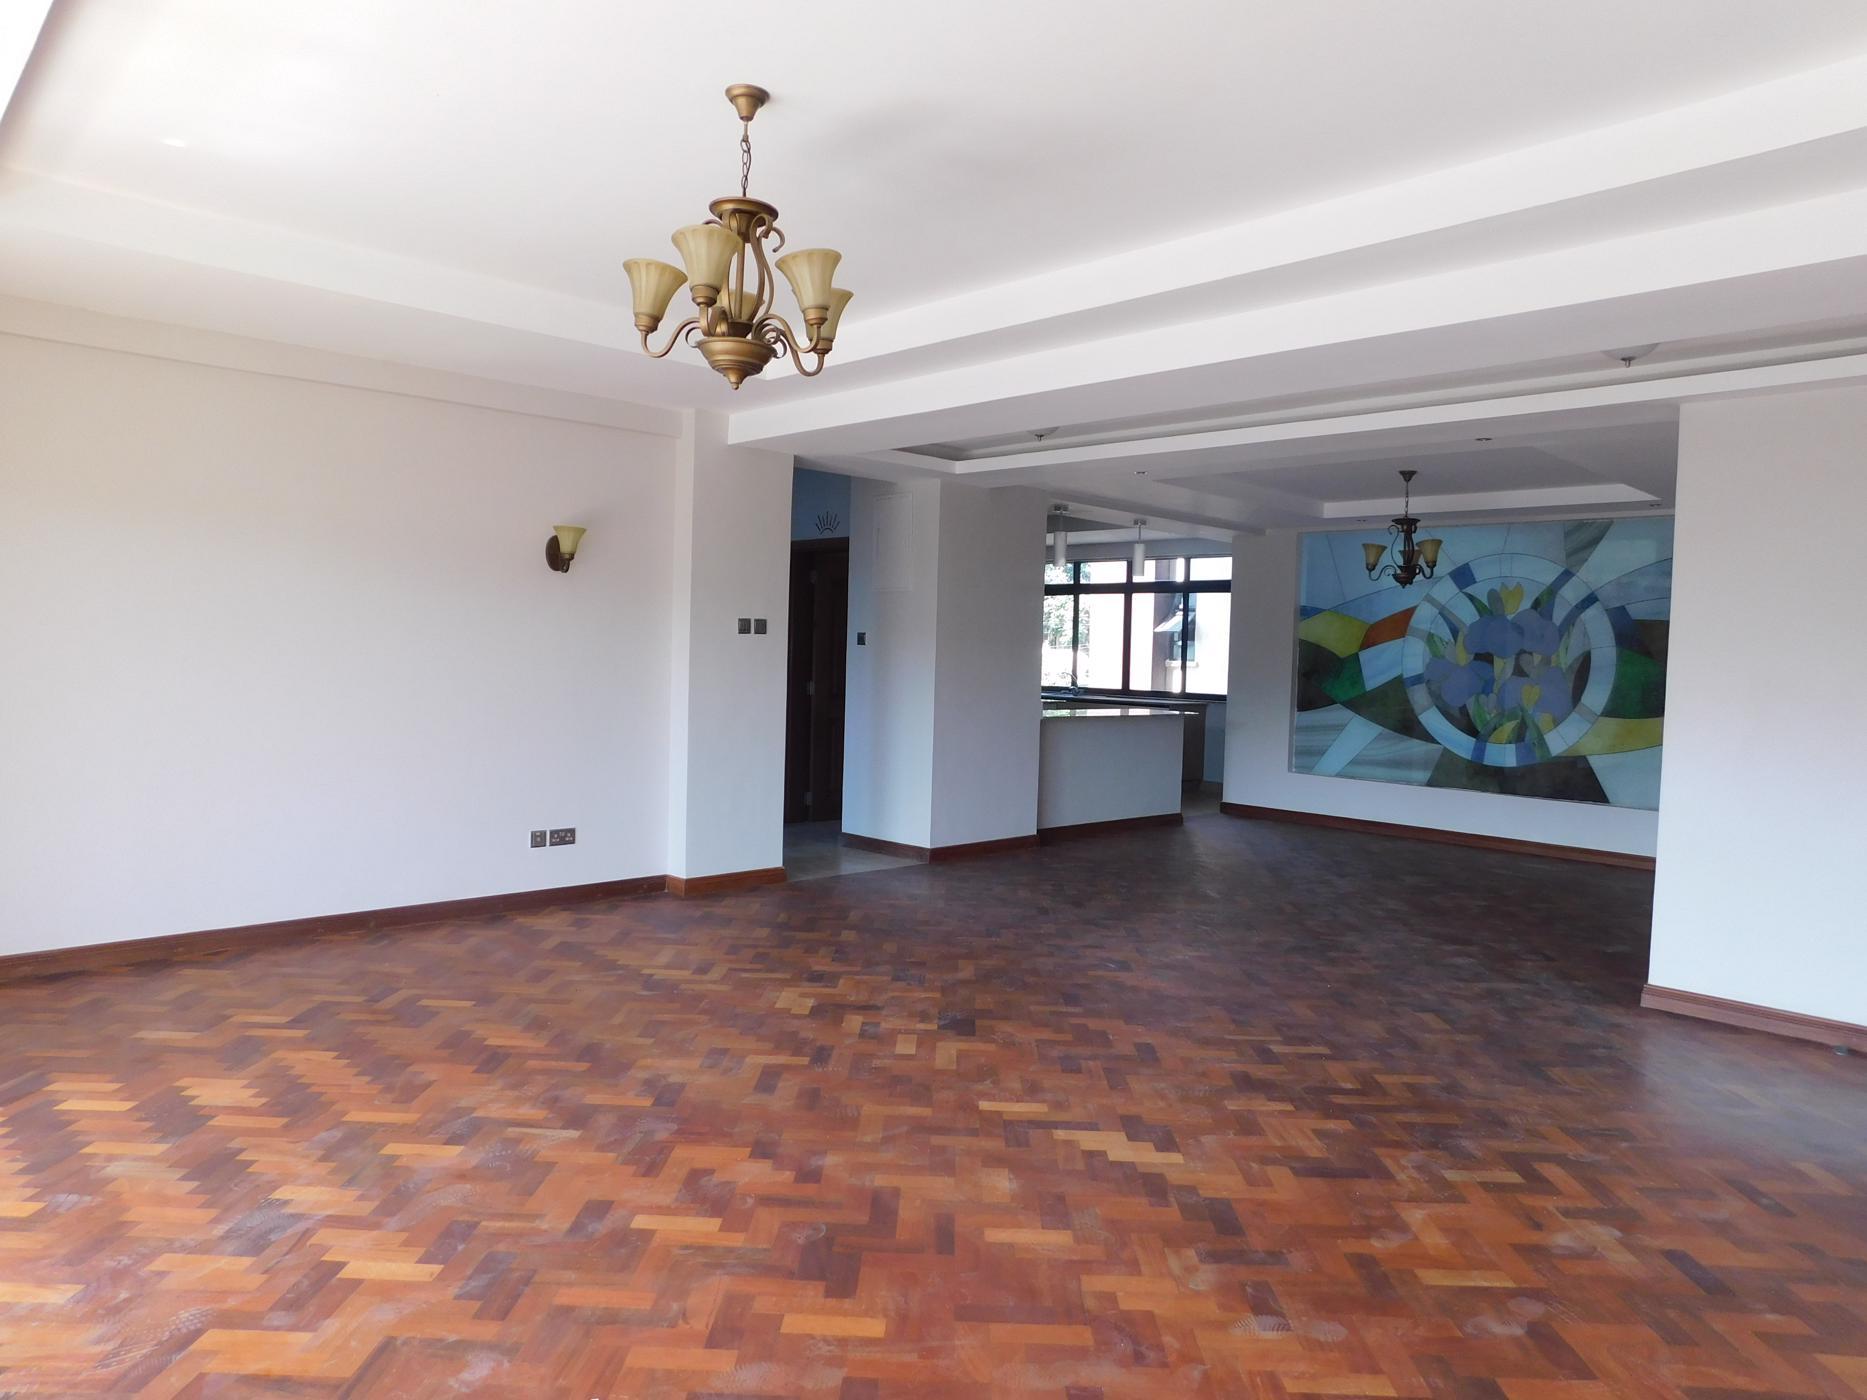 4 bedroom apartment to rent in Riverside (Kenya)